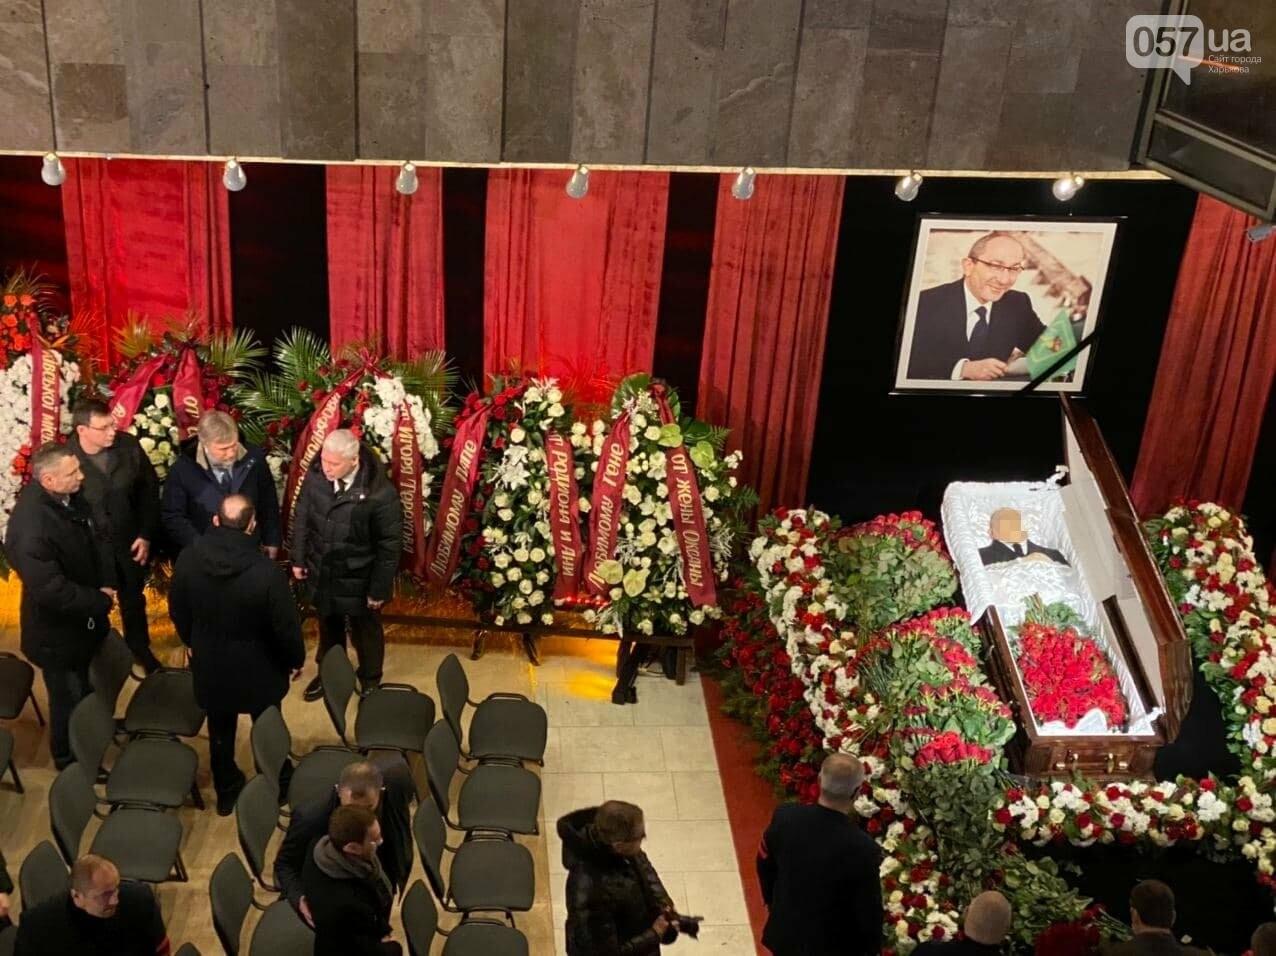 Похороны Геннадия Кернеса. Как прощаются с мэром Харькова, - ОНЛАЙН-ТРАНСЛЯЦИЯ, фото-27